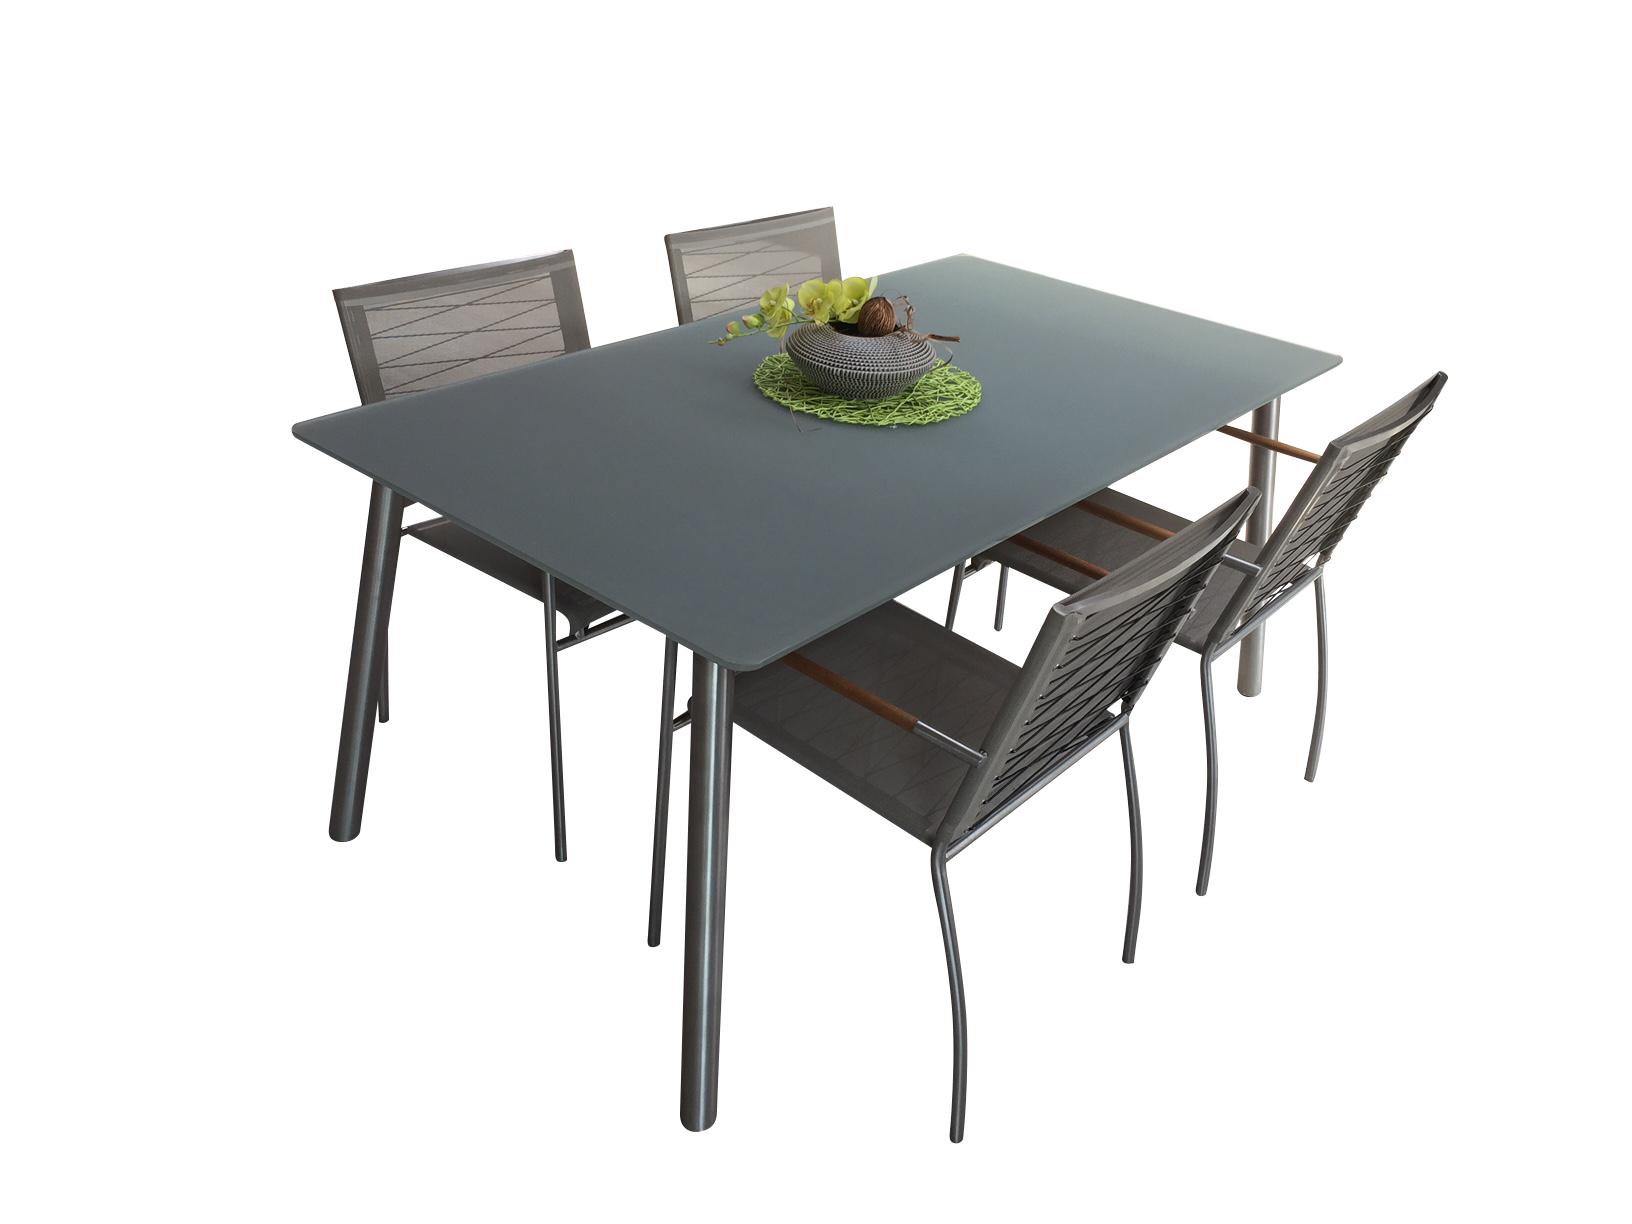 Gartentisch NATUN Mit 4 Stühlen Farbe Taupe Solovivo